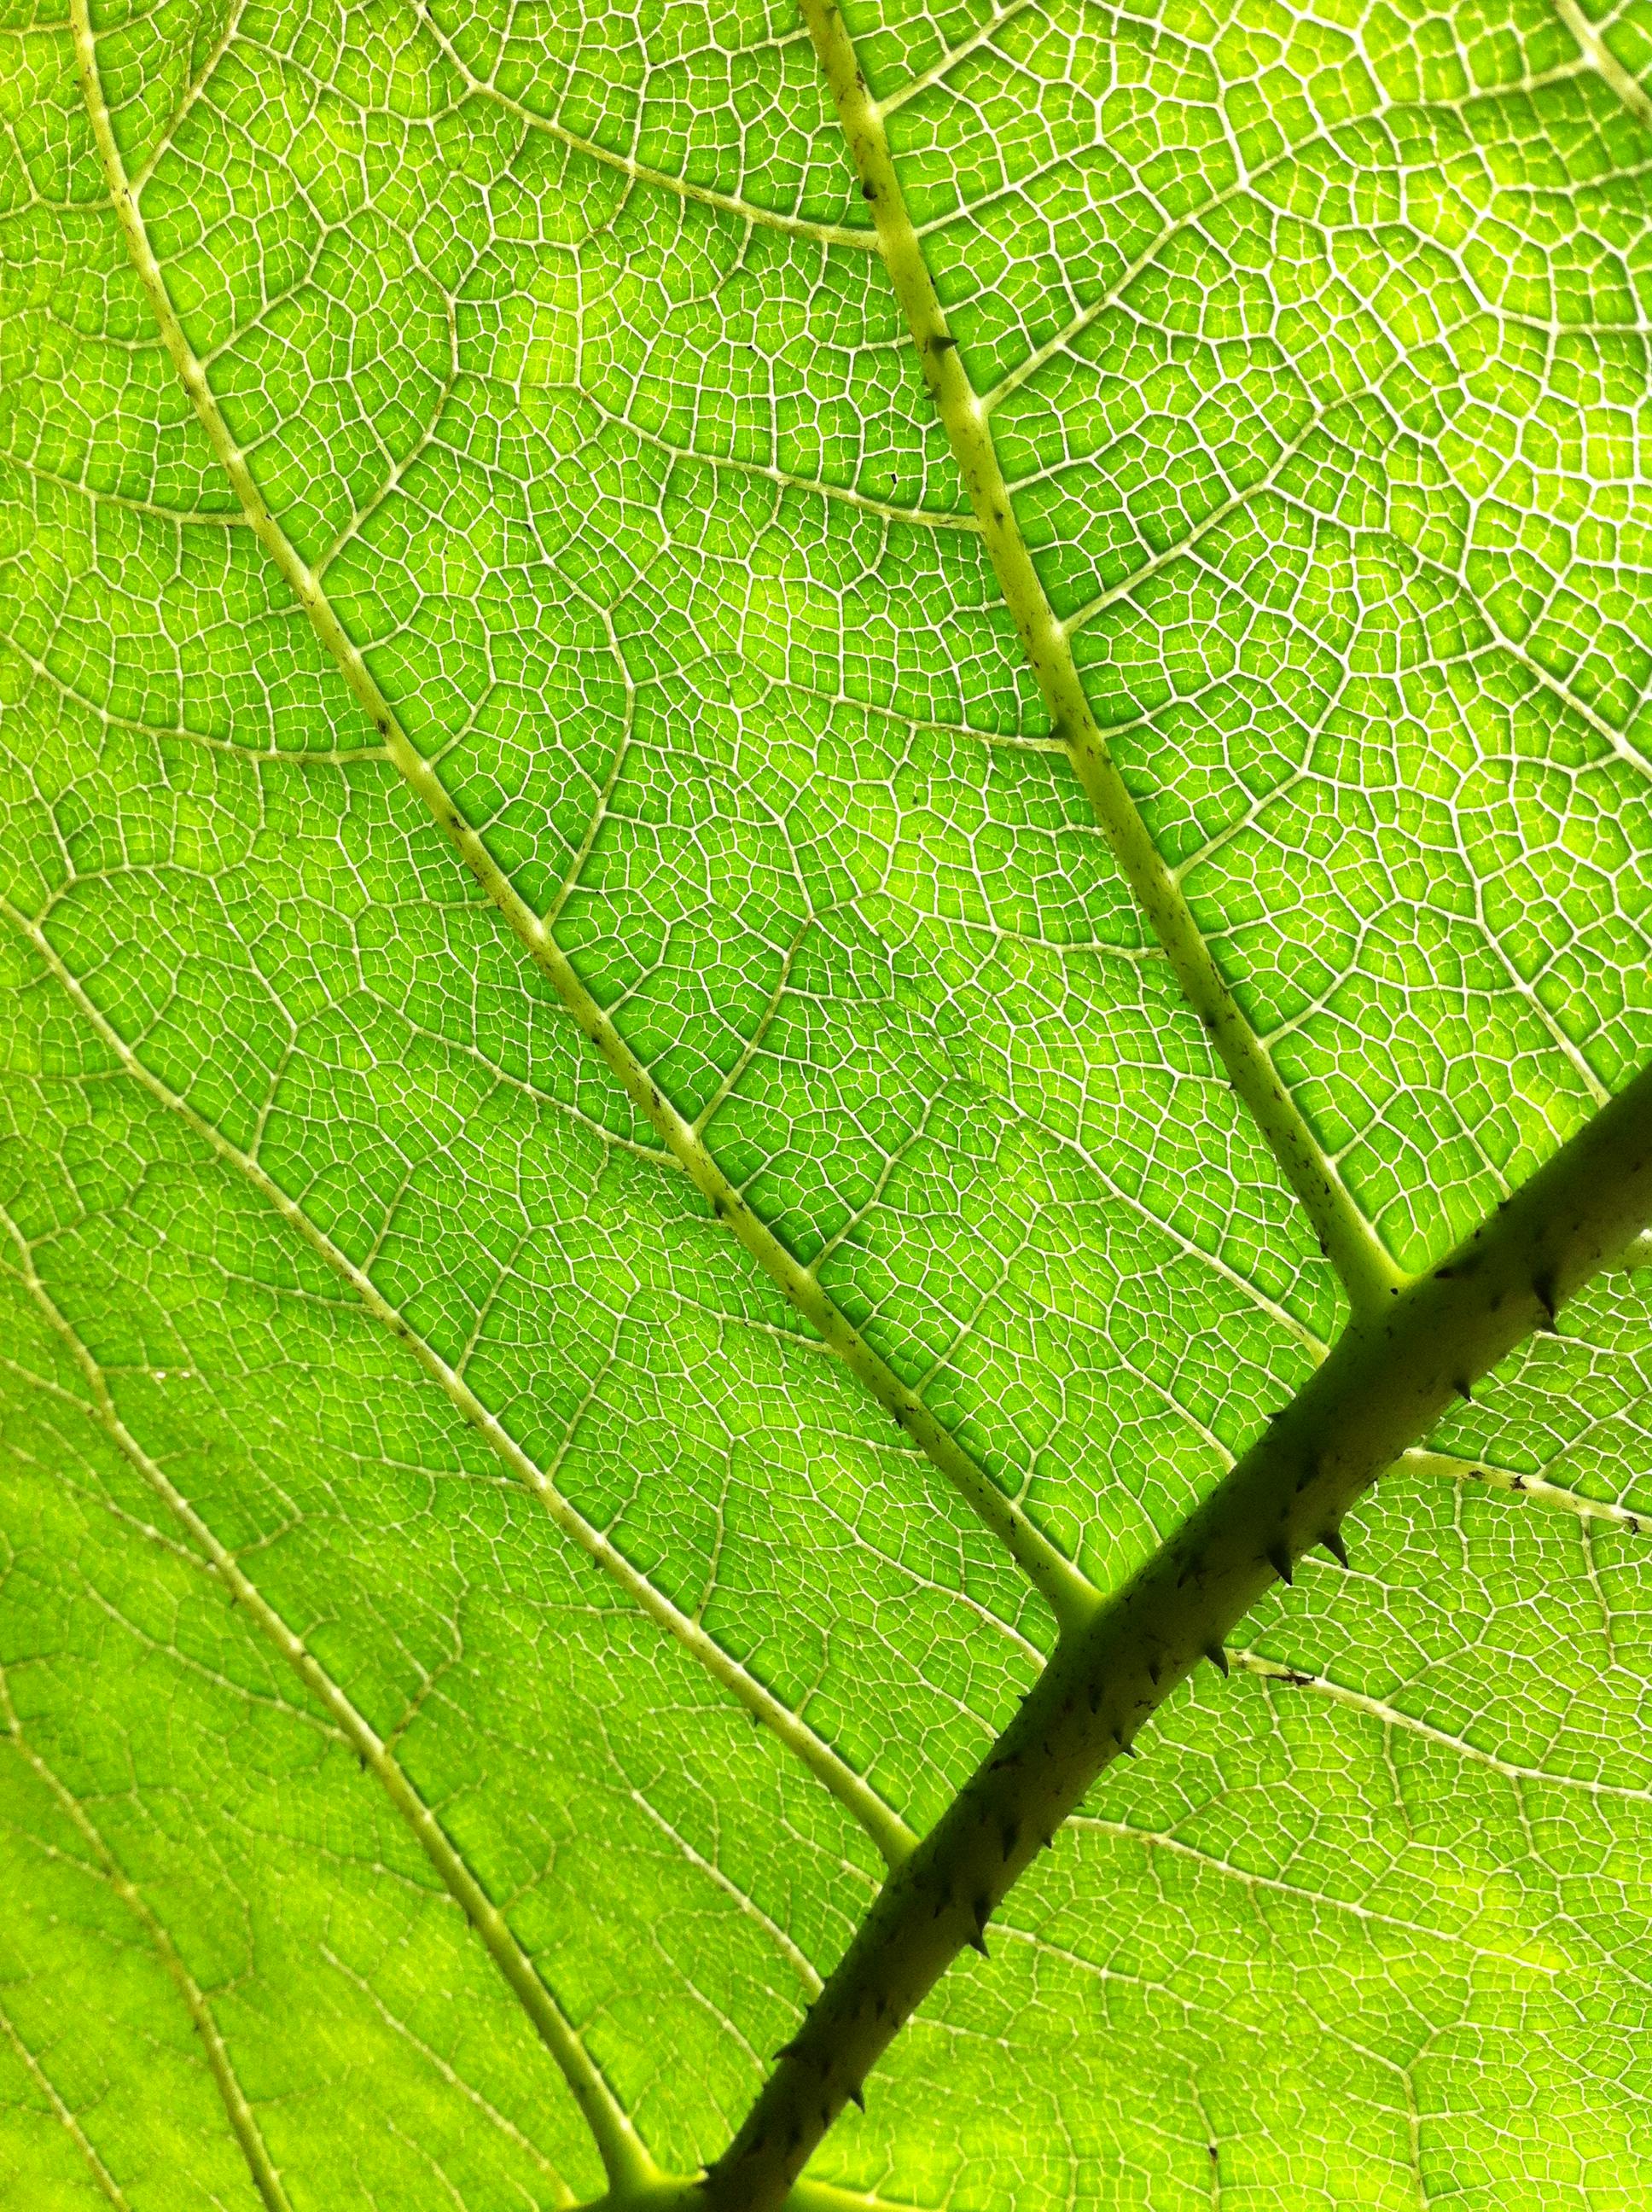 Forest Structures / Waldstrukturen - Light Paths #1. CiCi Blumstein 2012